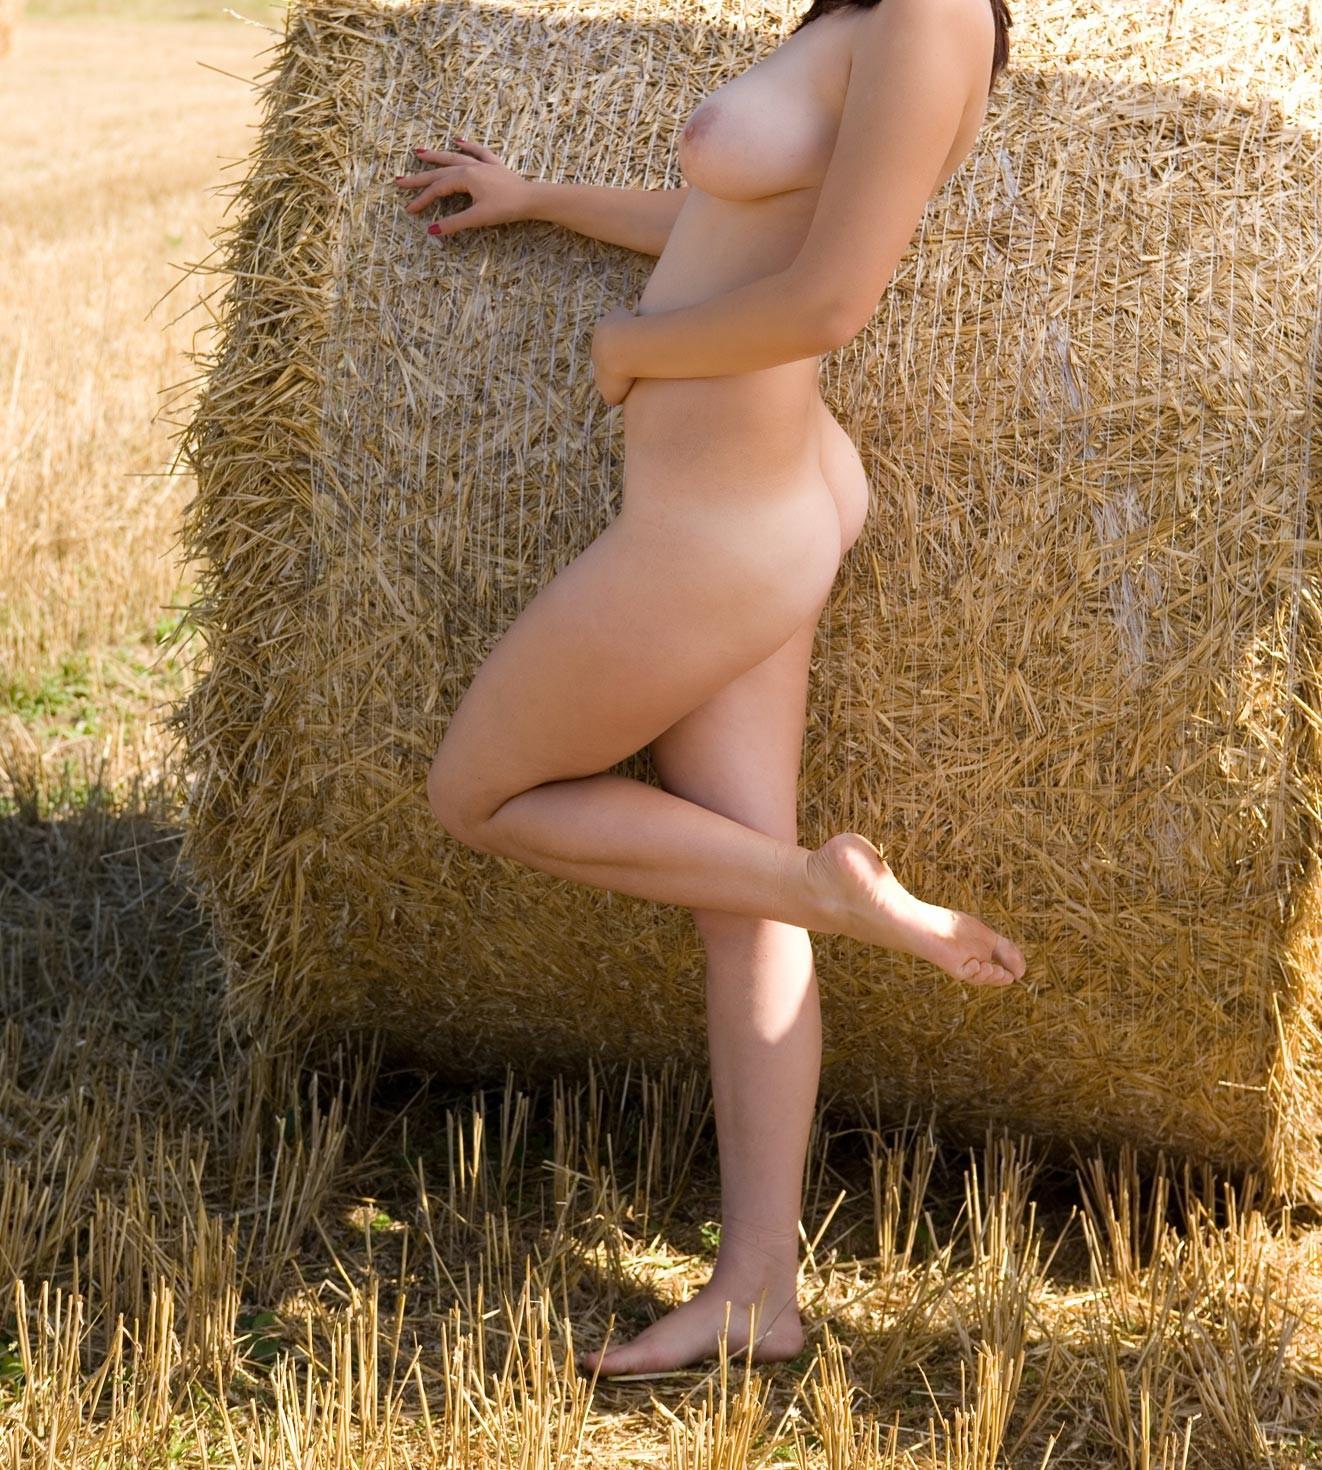 Фото крупным планом голых деревенских девушек — img 8